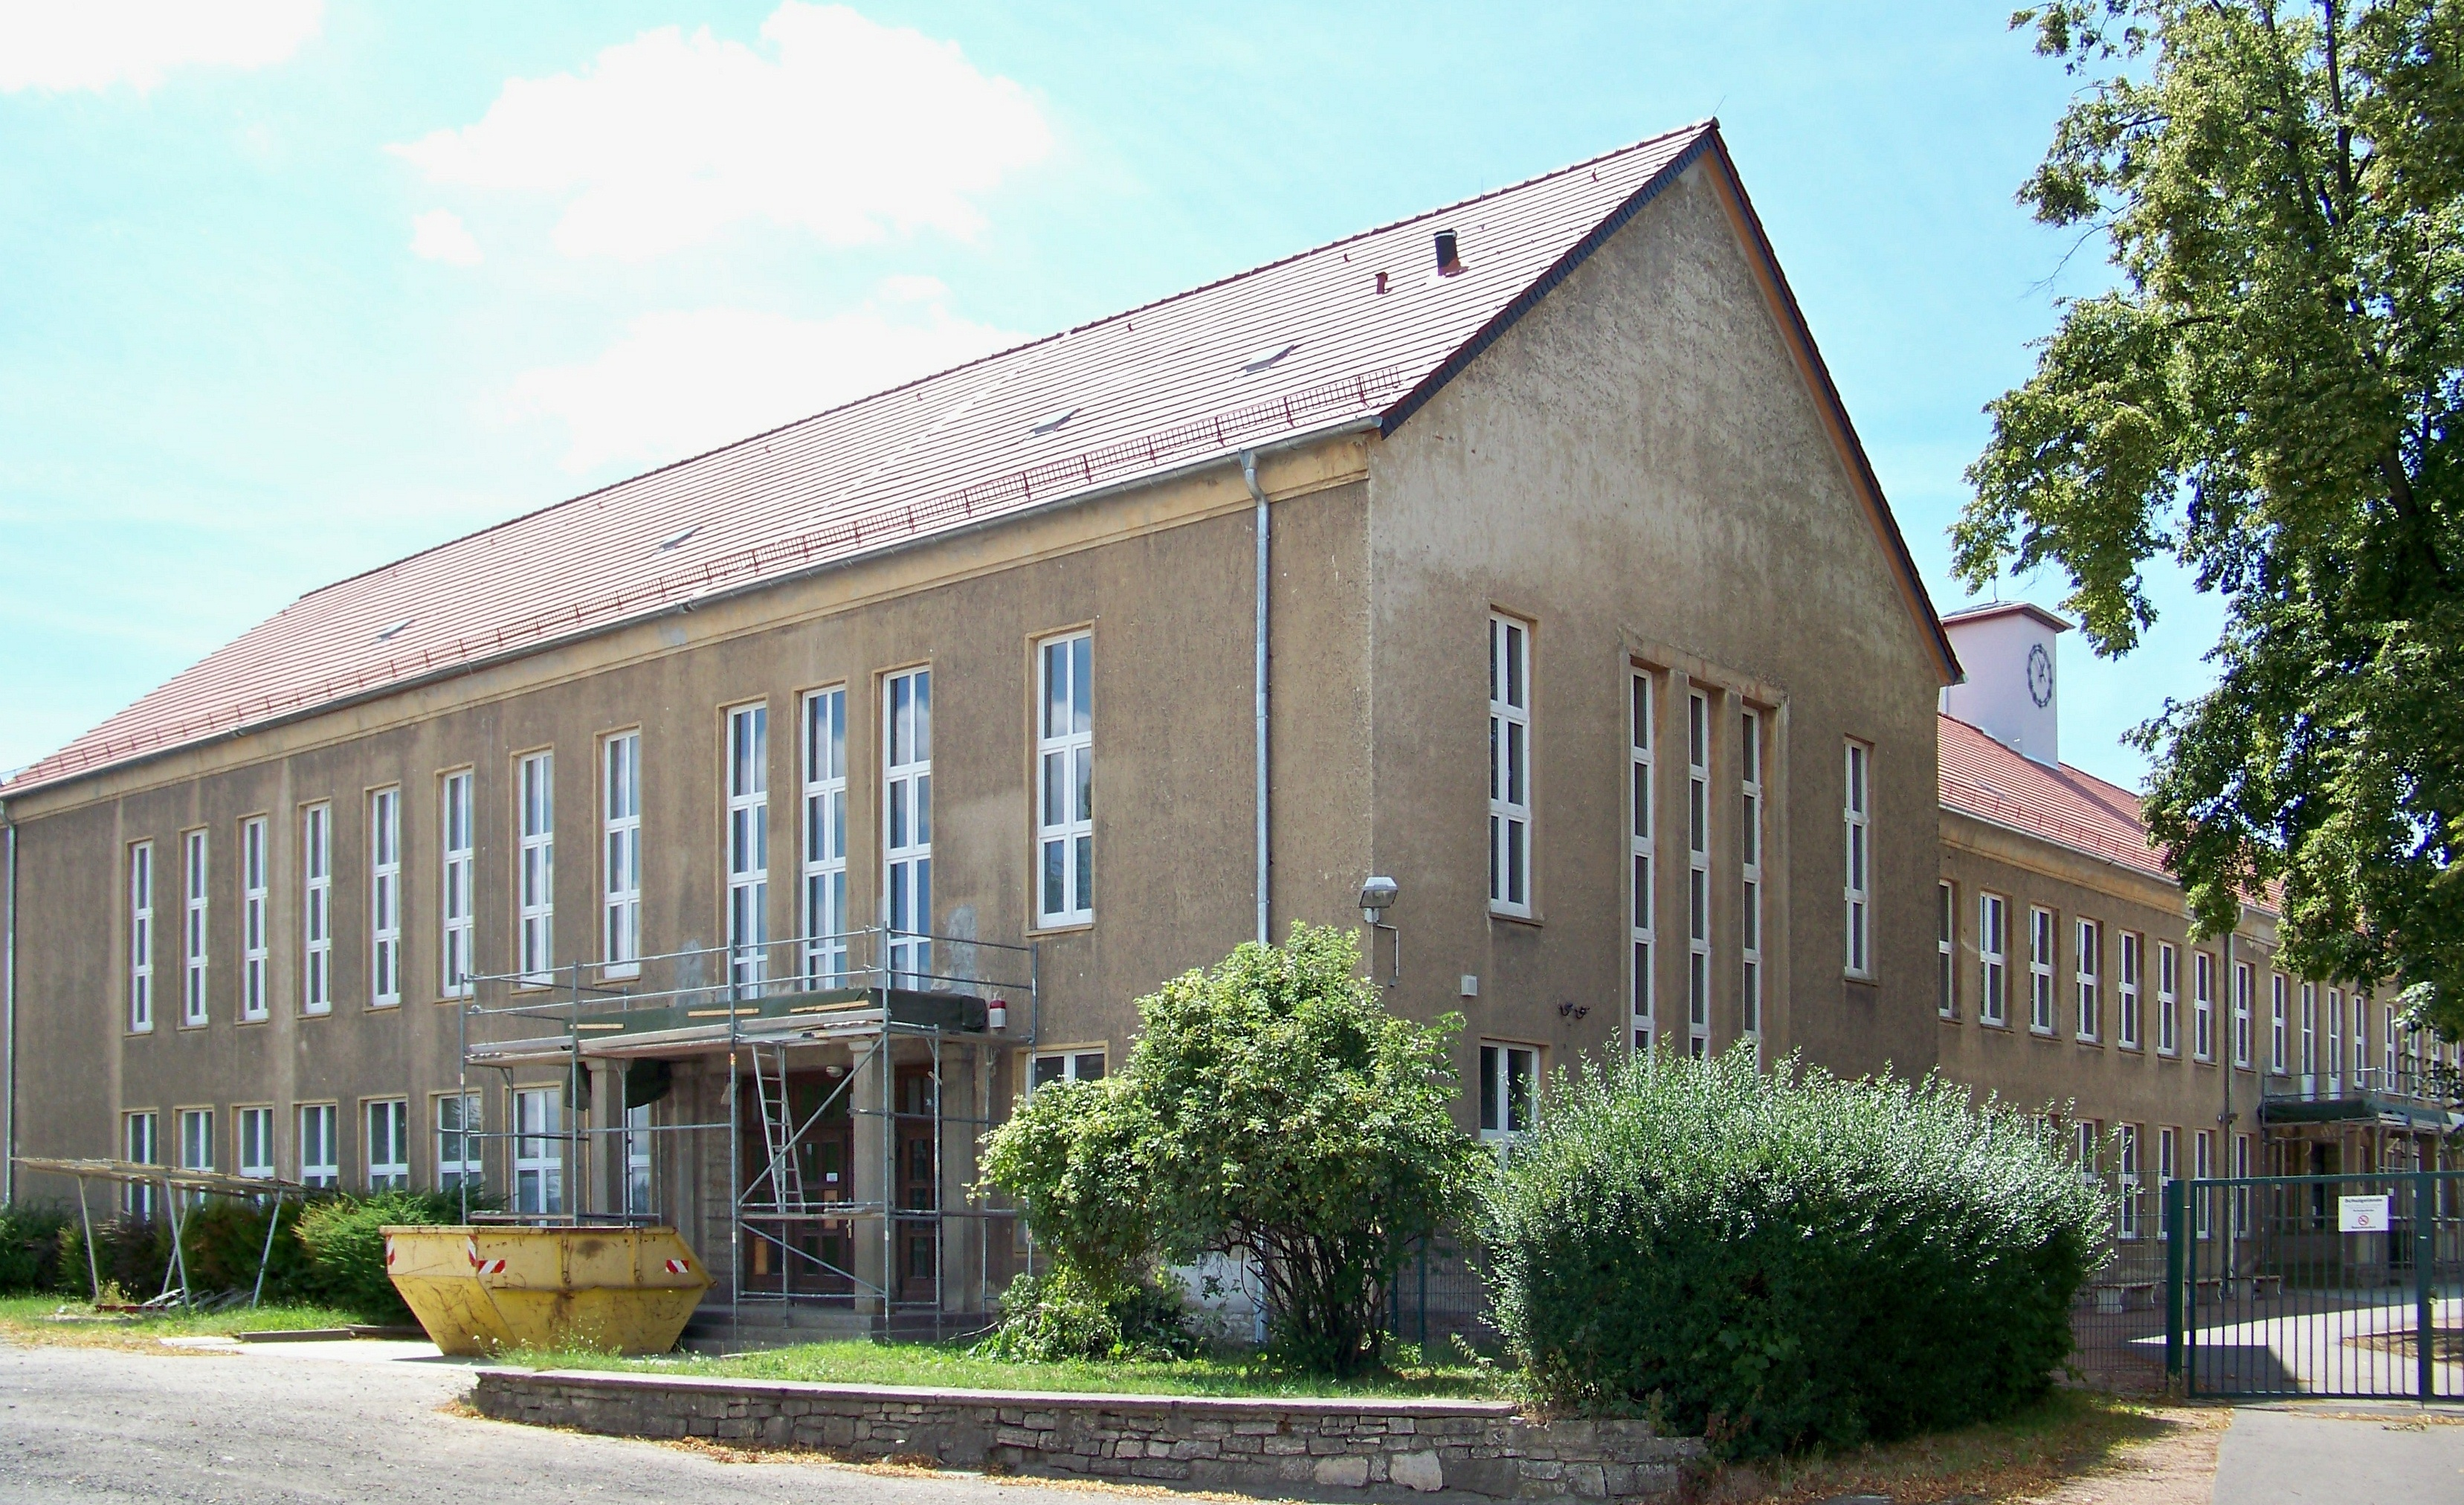 Dateicalbe Gymnasiumjpg Wikipedia